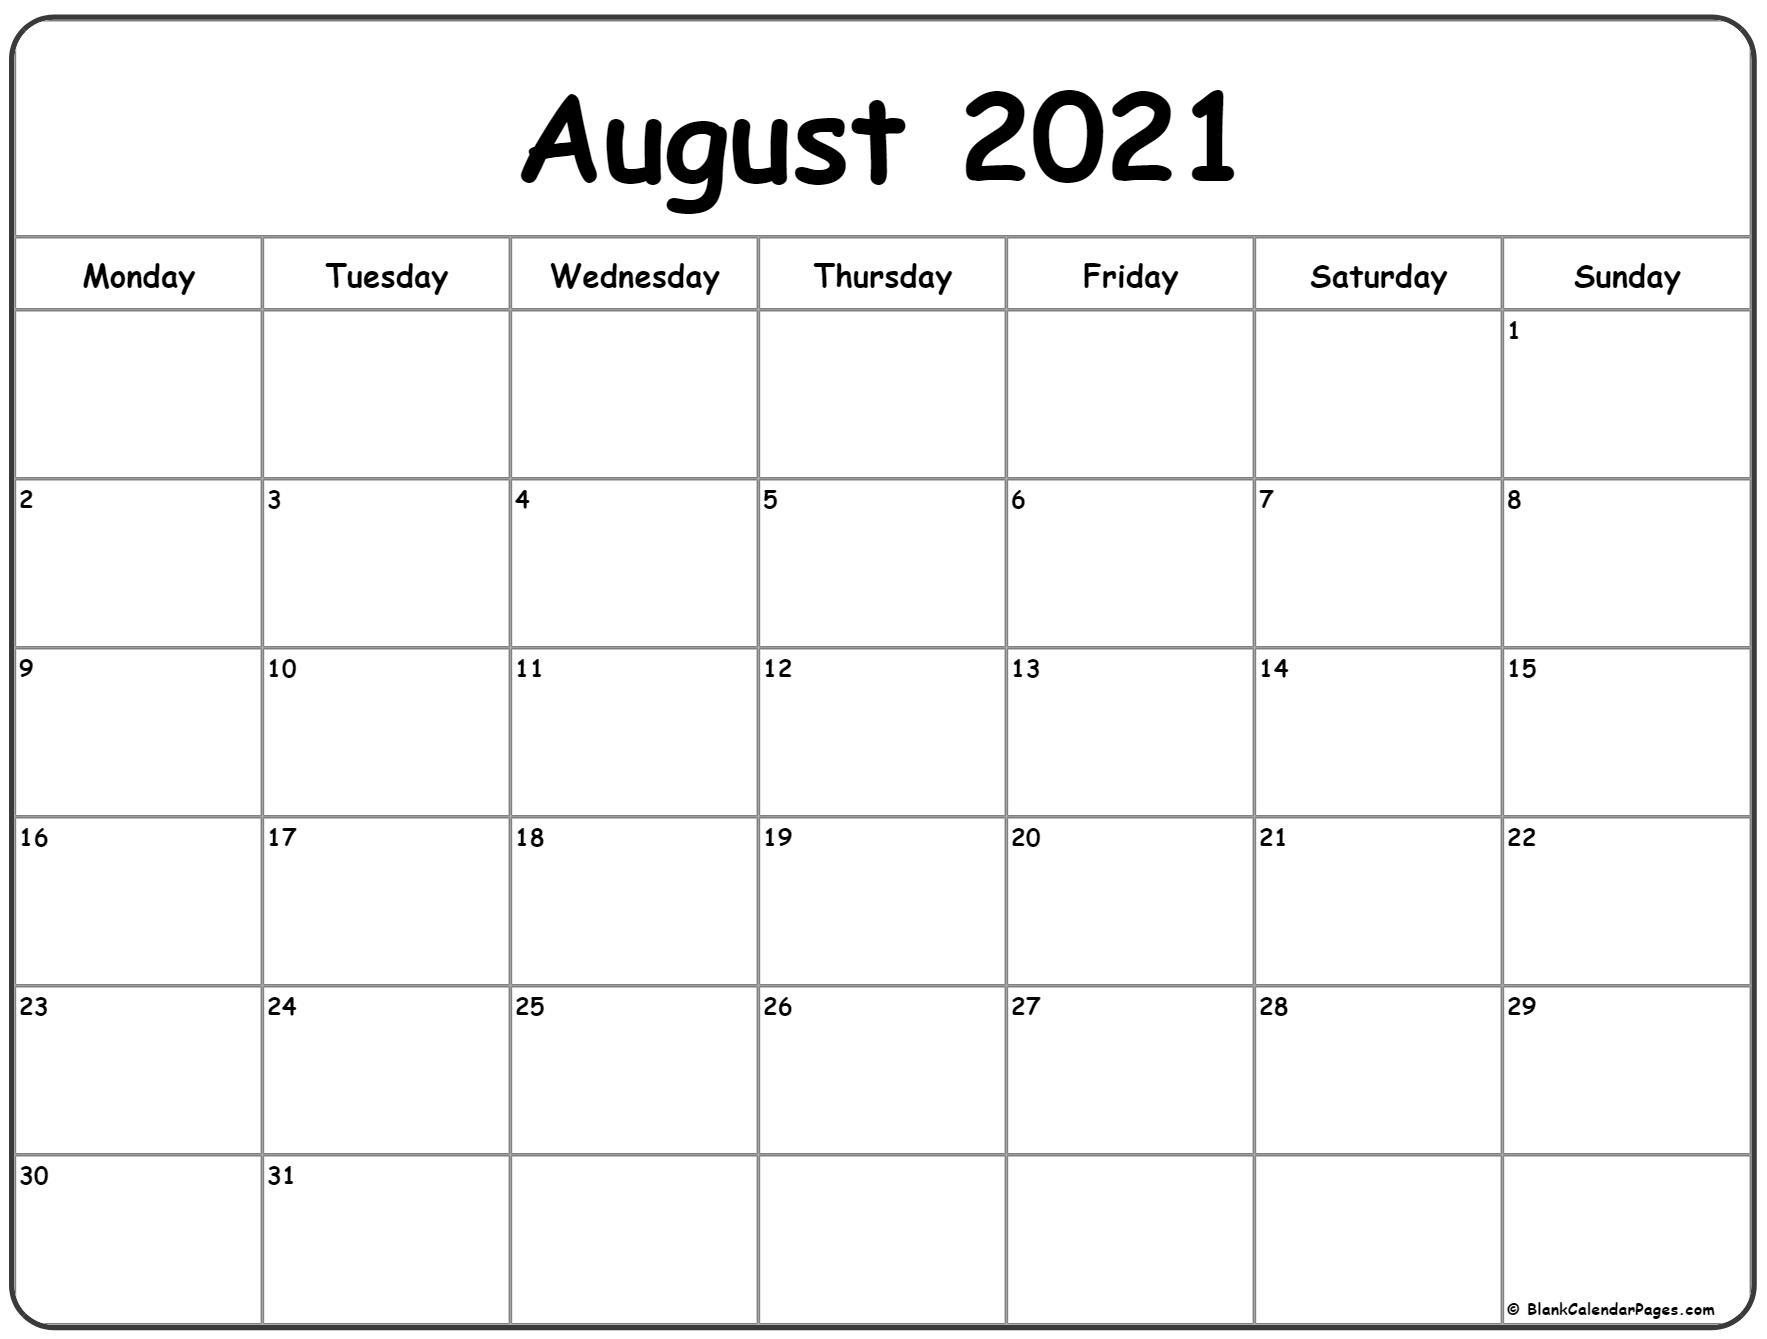 Get 2021 Calendar August December